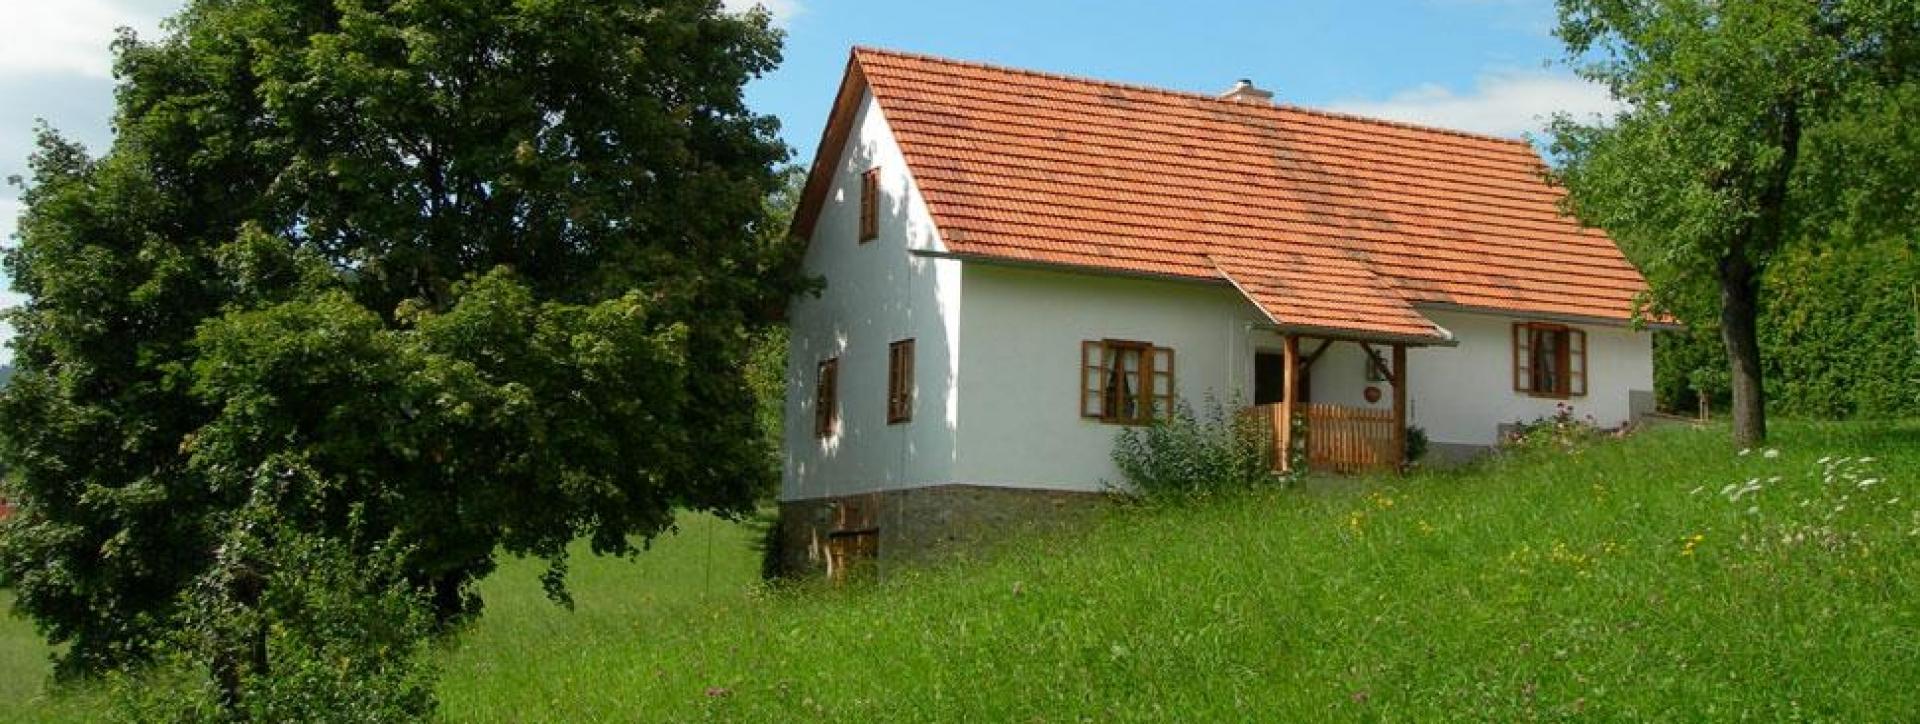 Ferienhaus Moarhofstöckl Außenansicht